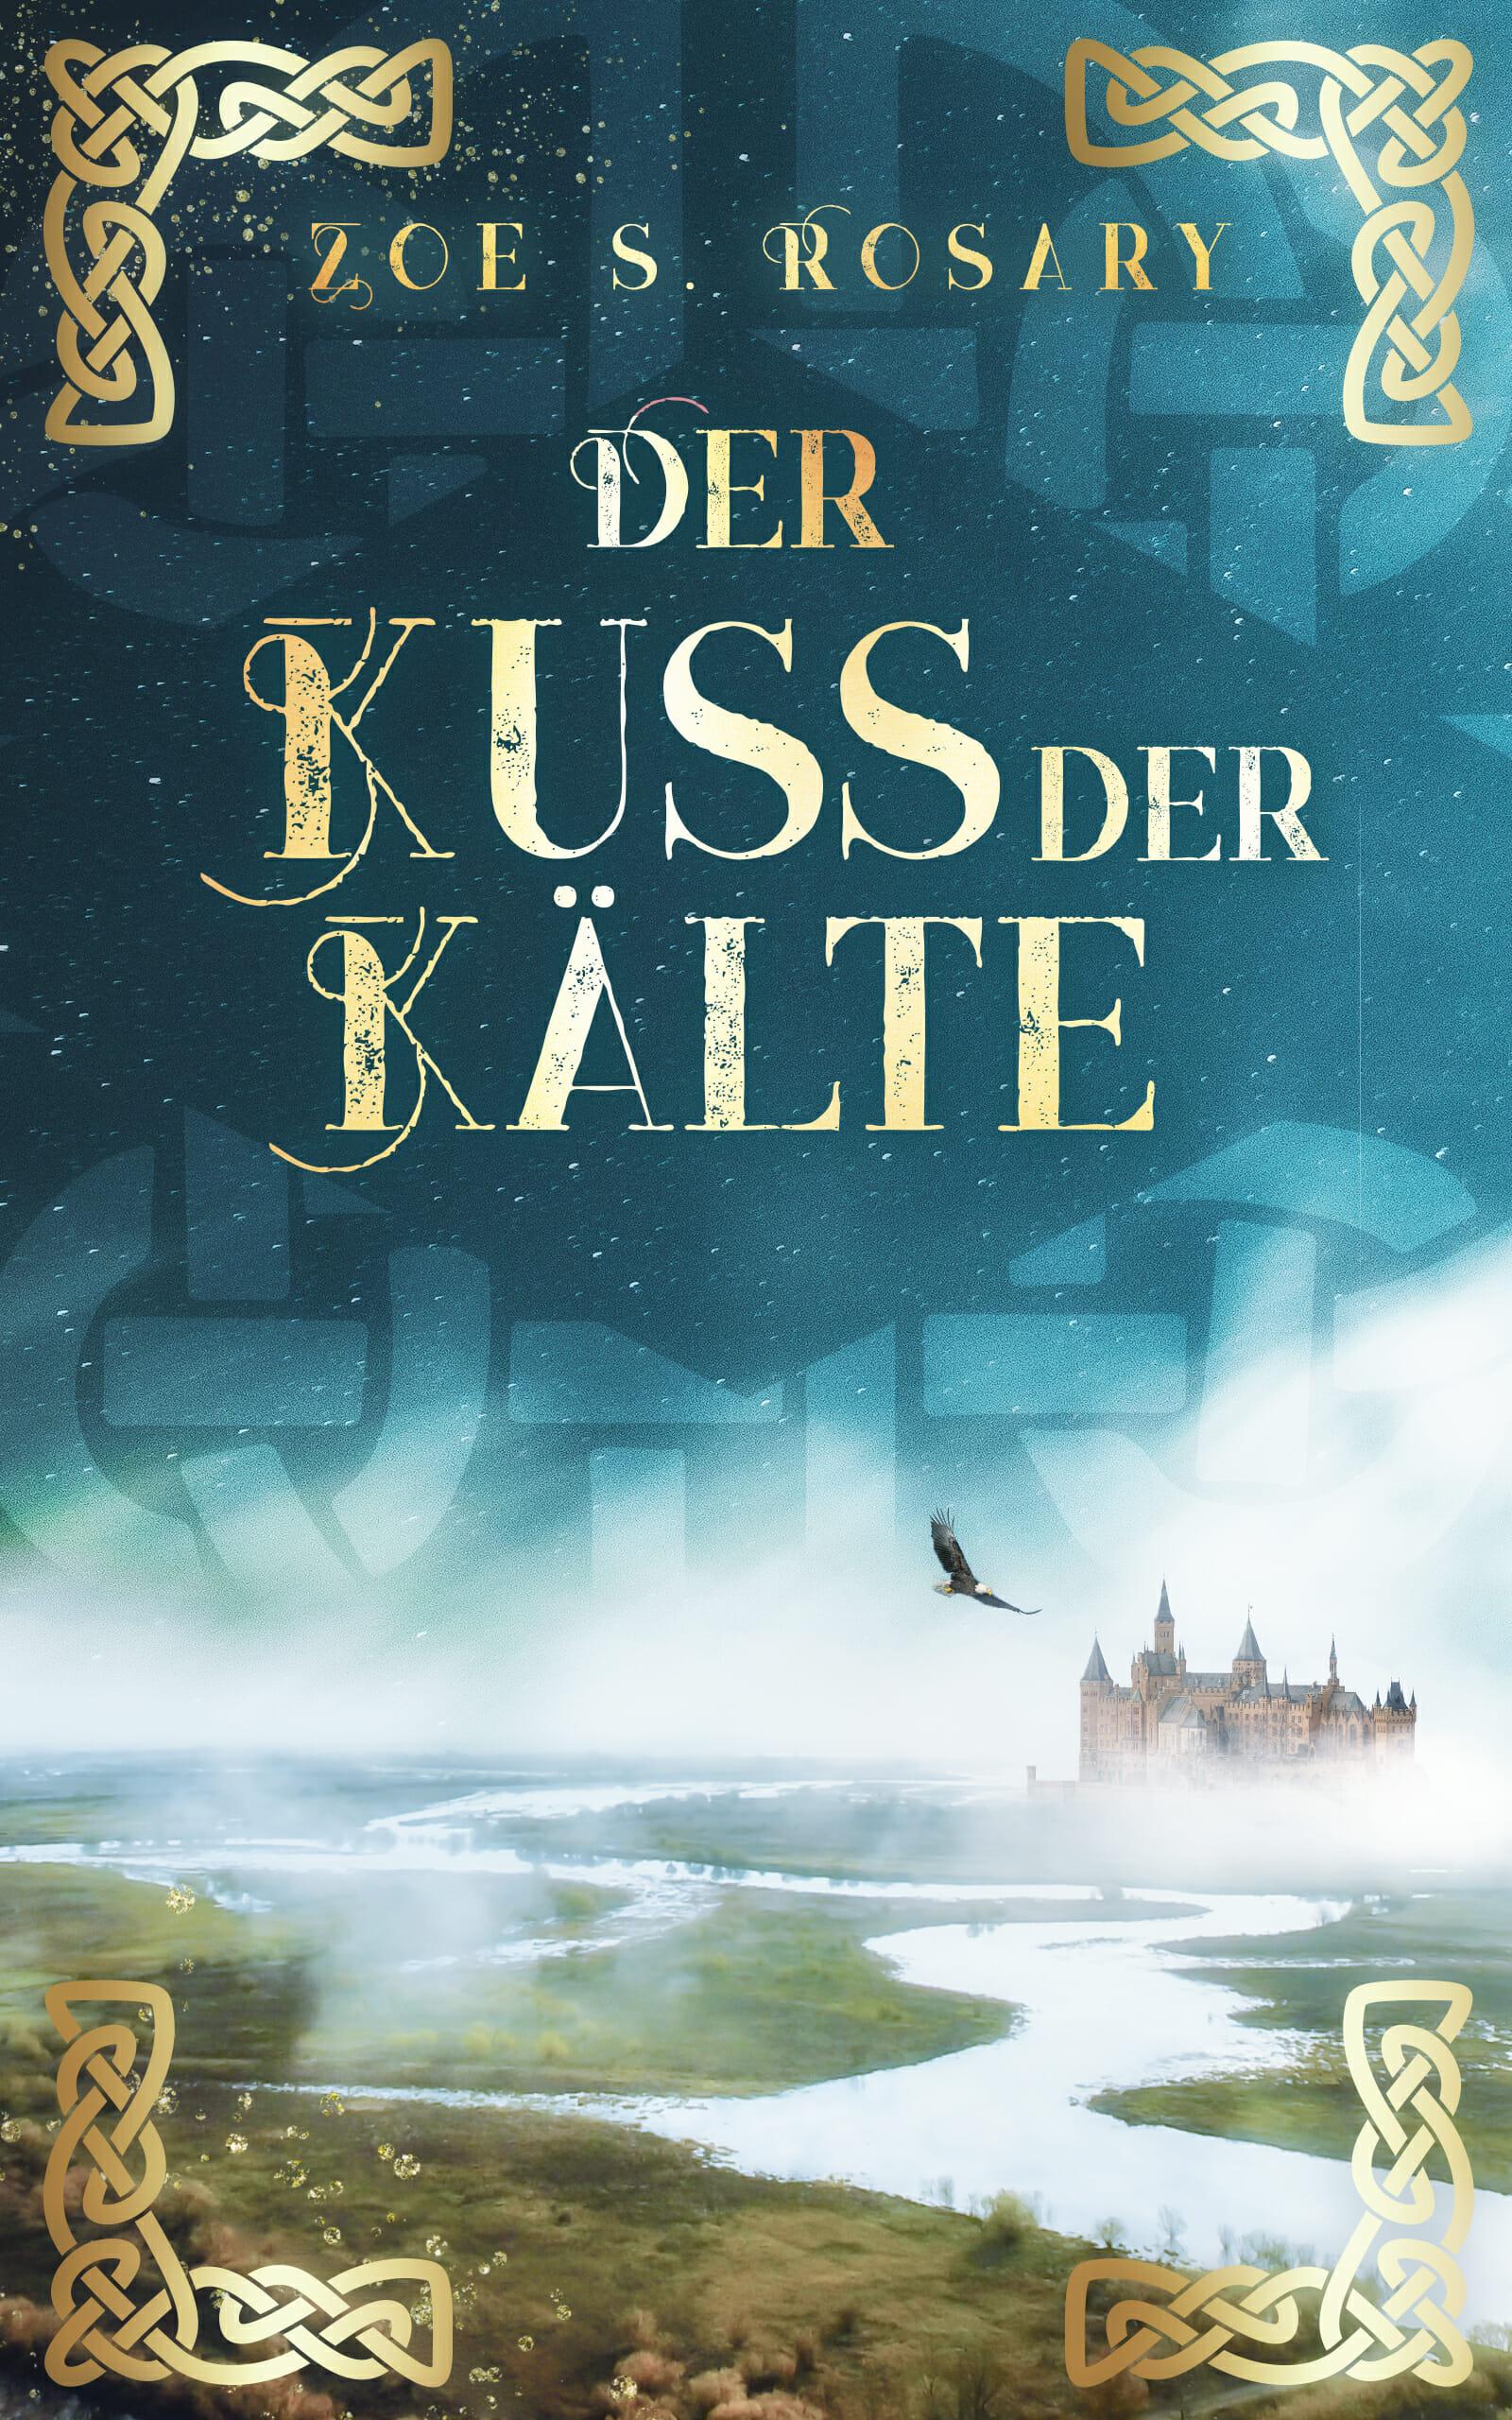 News - Eyaland - Der Kuss der Kälte - Fantasyautorin Zoe S. Rosary - Informationen im Überblick